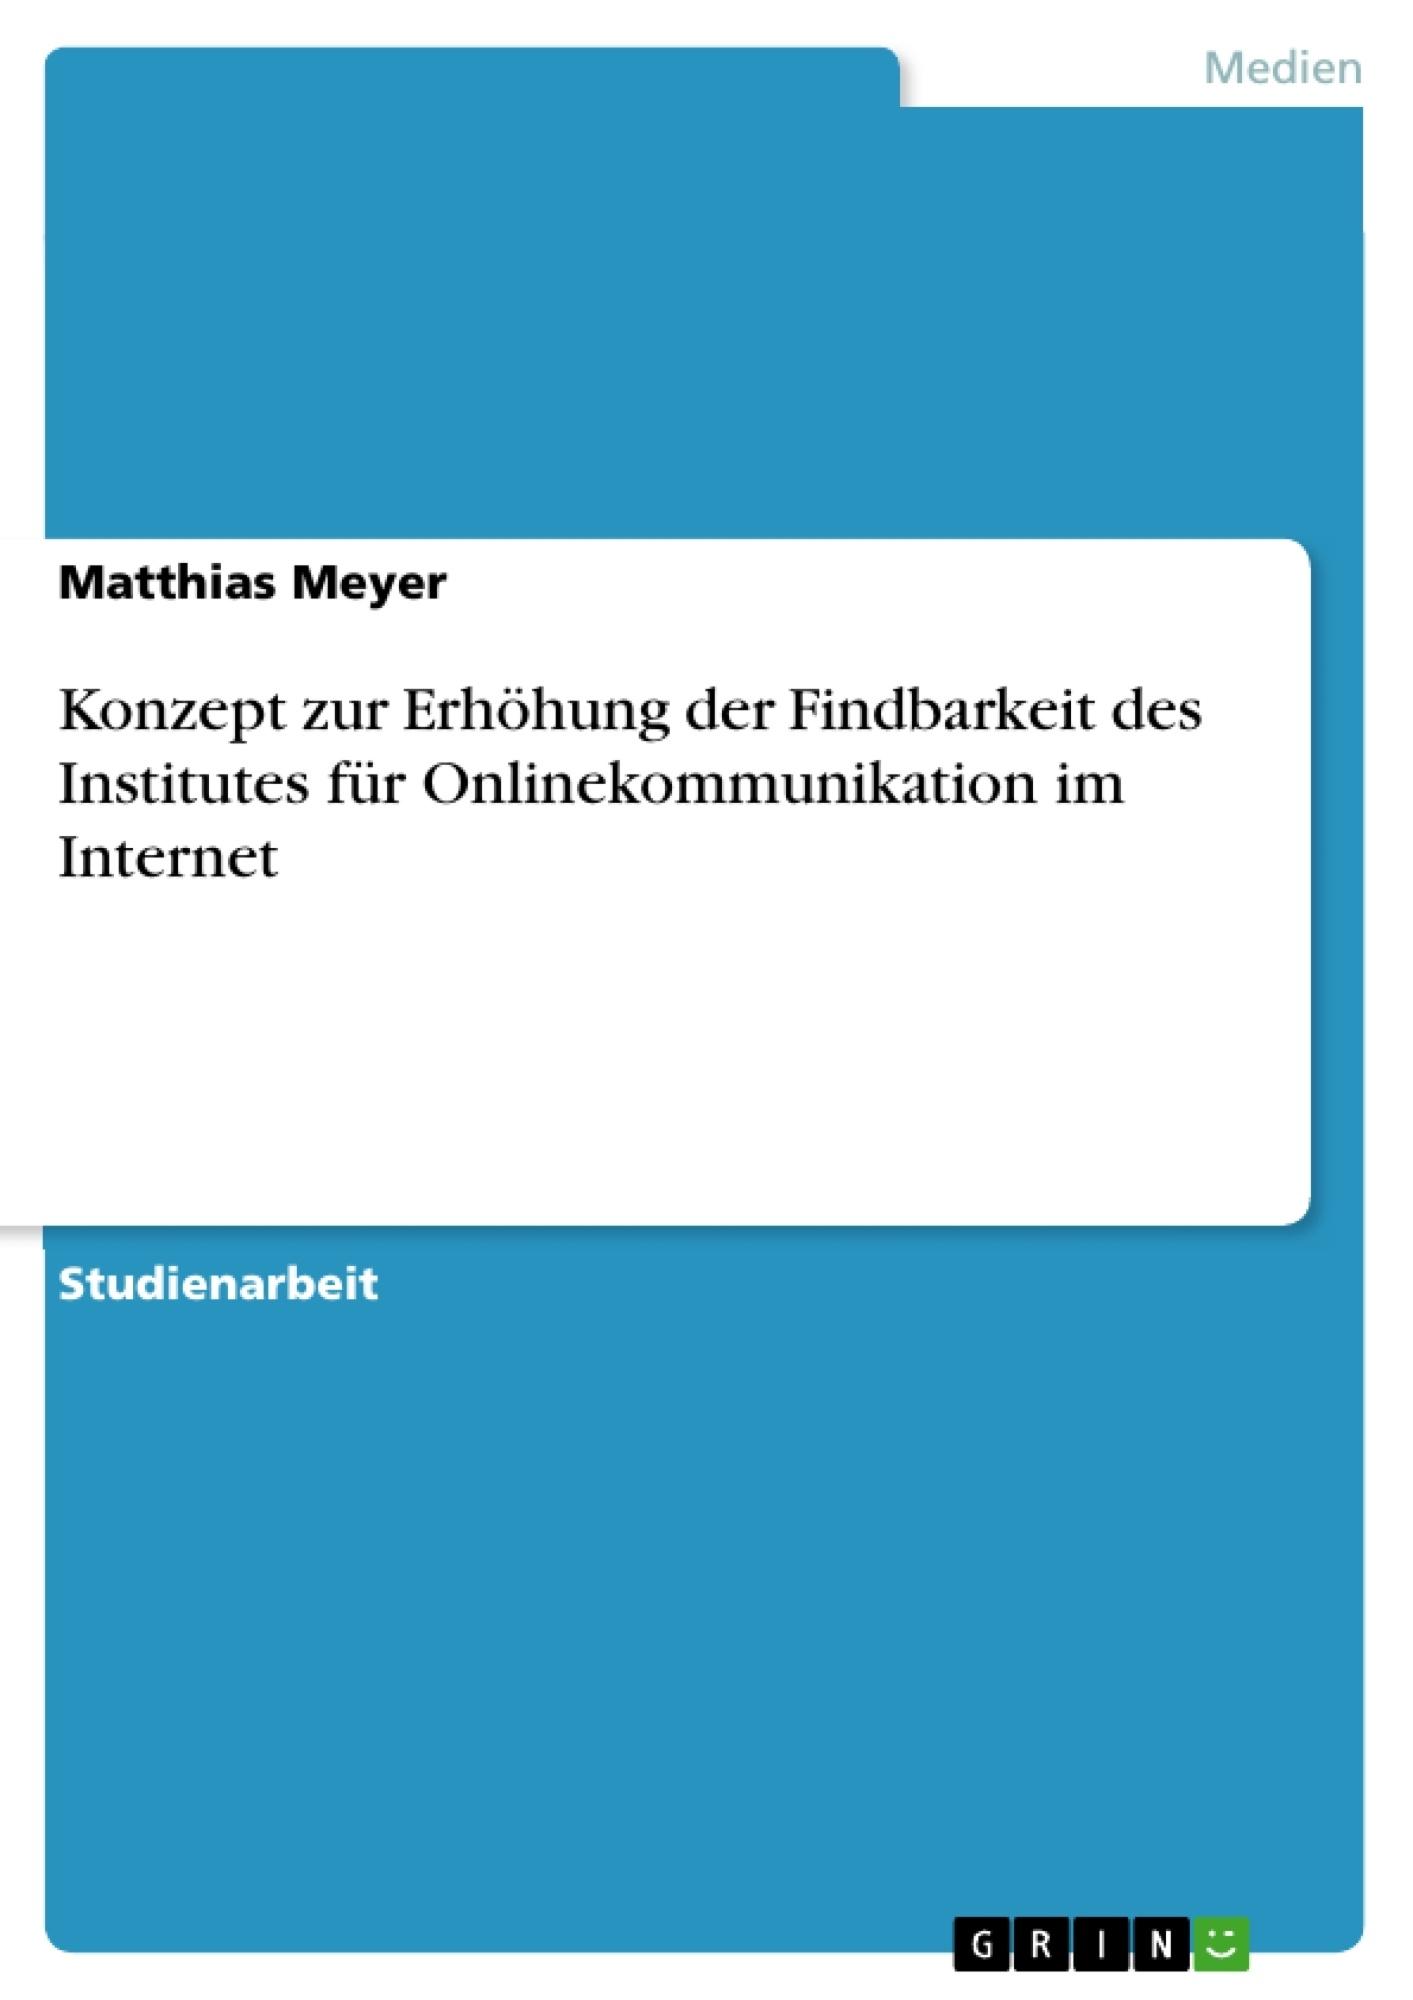 Titel: Konzept zur Erhöhung der Findbarkeit des Institutes für Onlinekommunikation im Internet